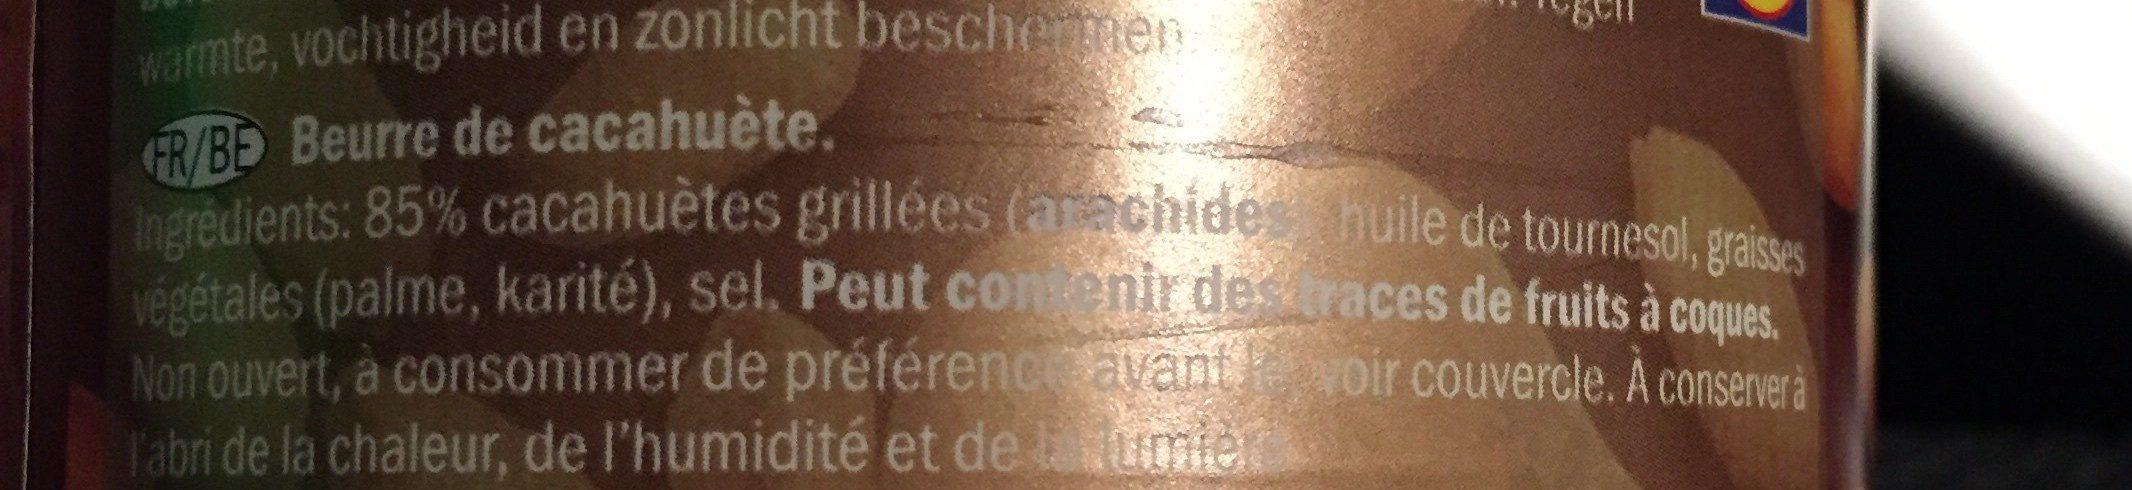 Beurre de cacahuète - Ingrédients - fr